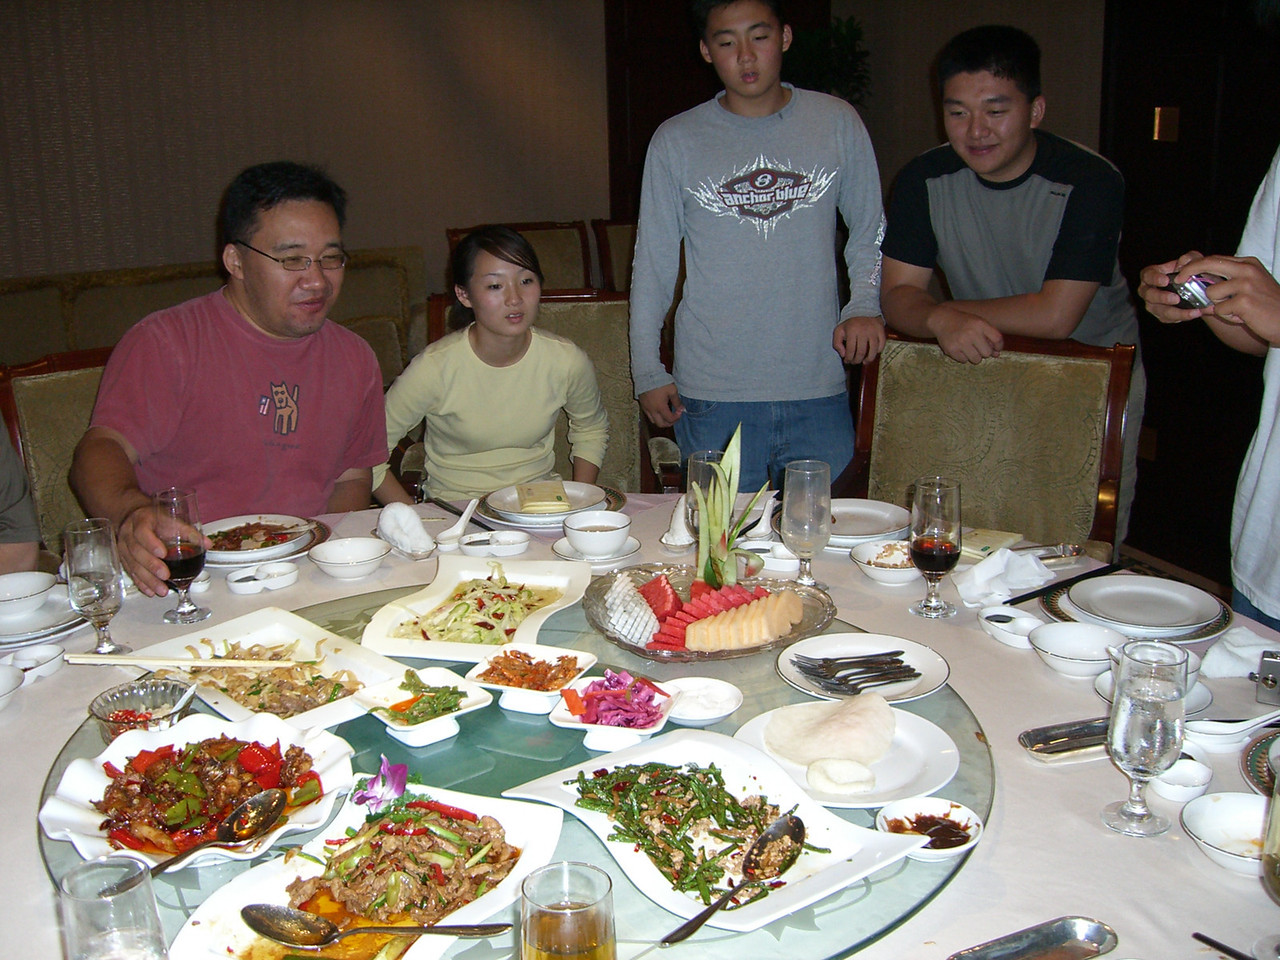 2006 07 14 Fri - Bird fruit plate 1